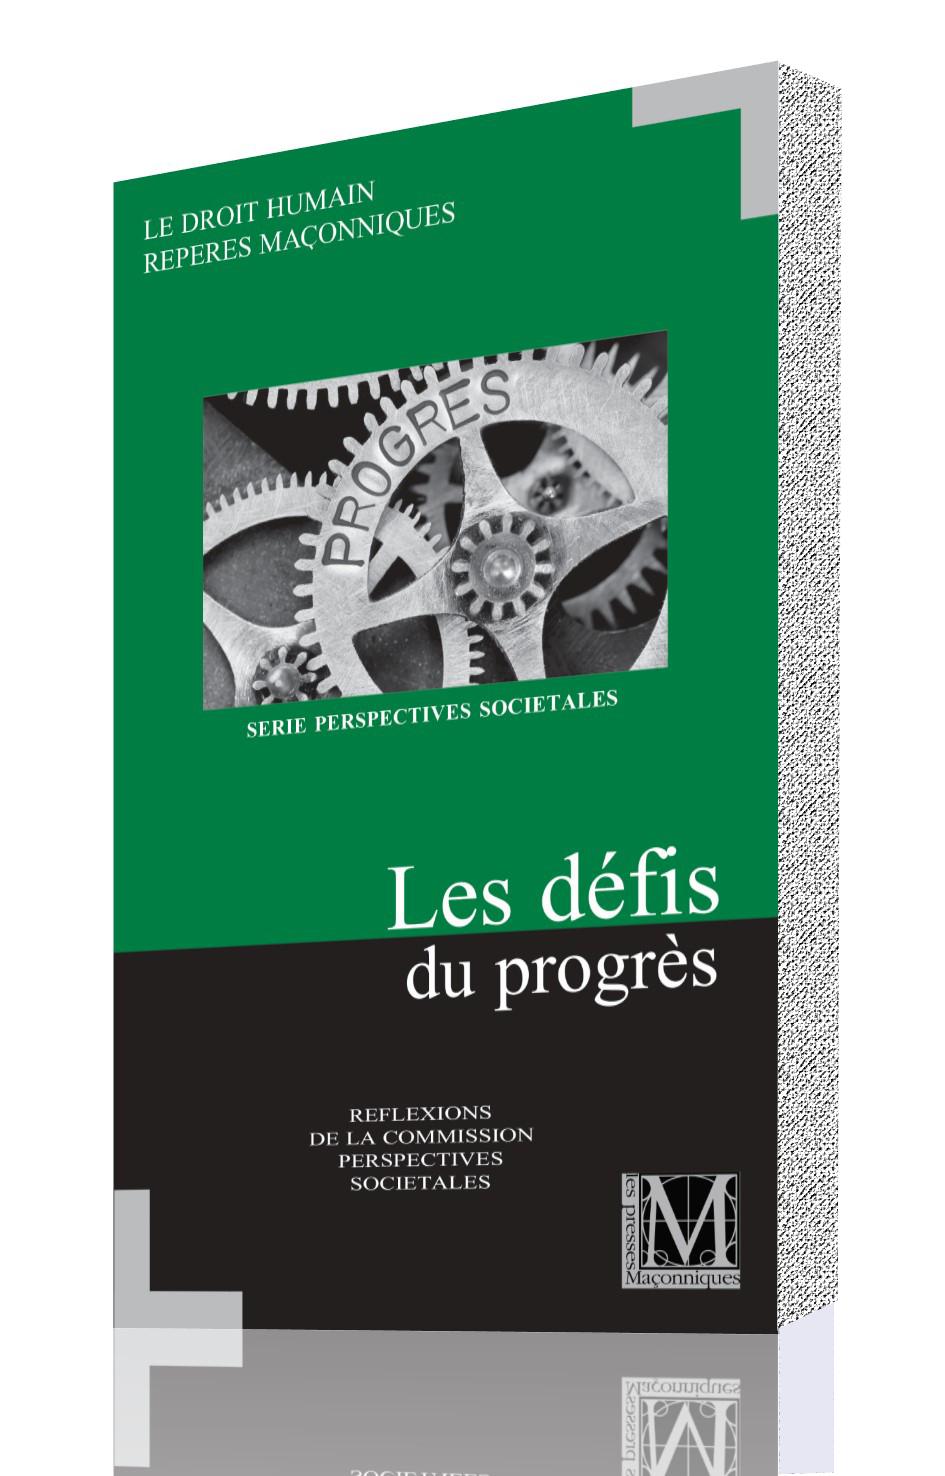 Les défis du progrès